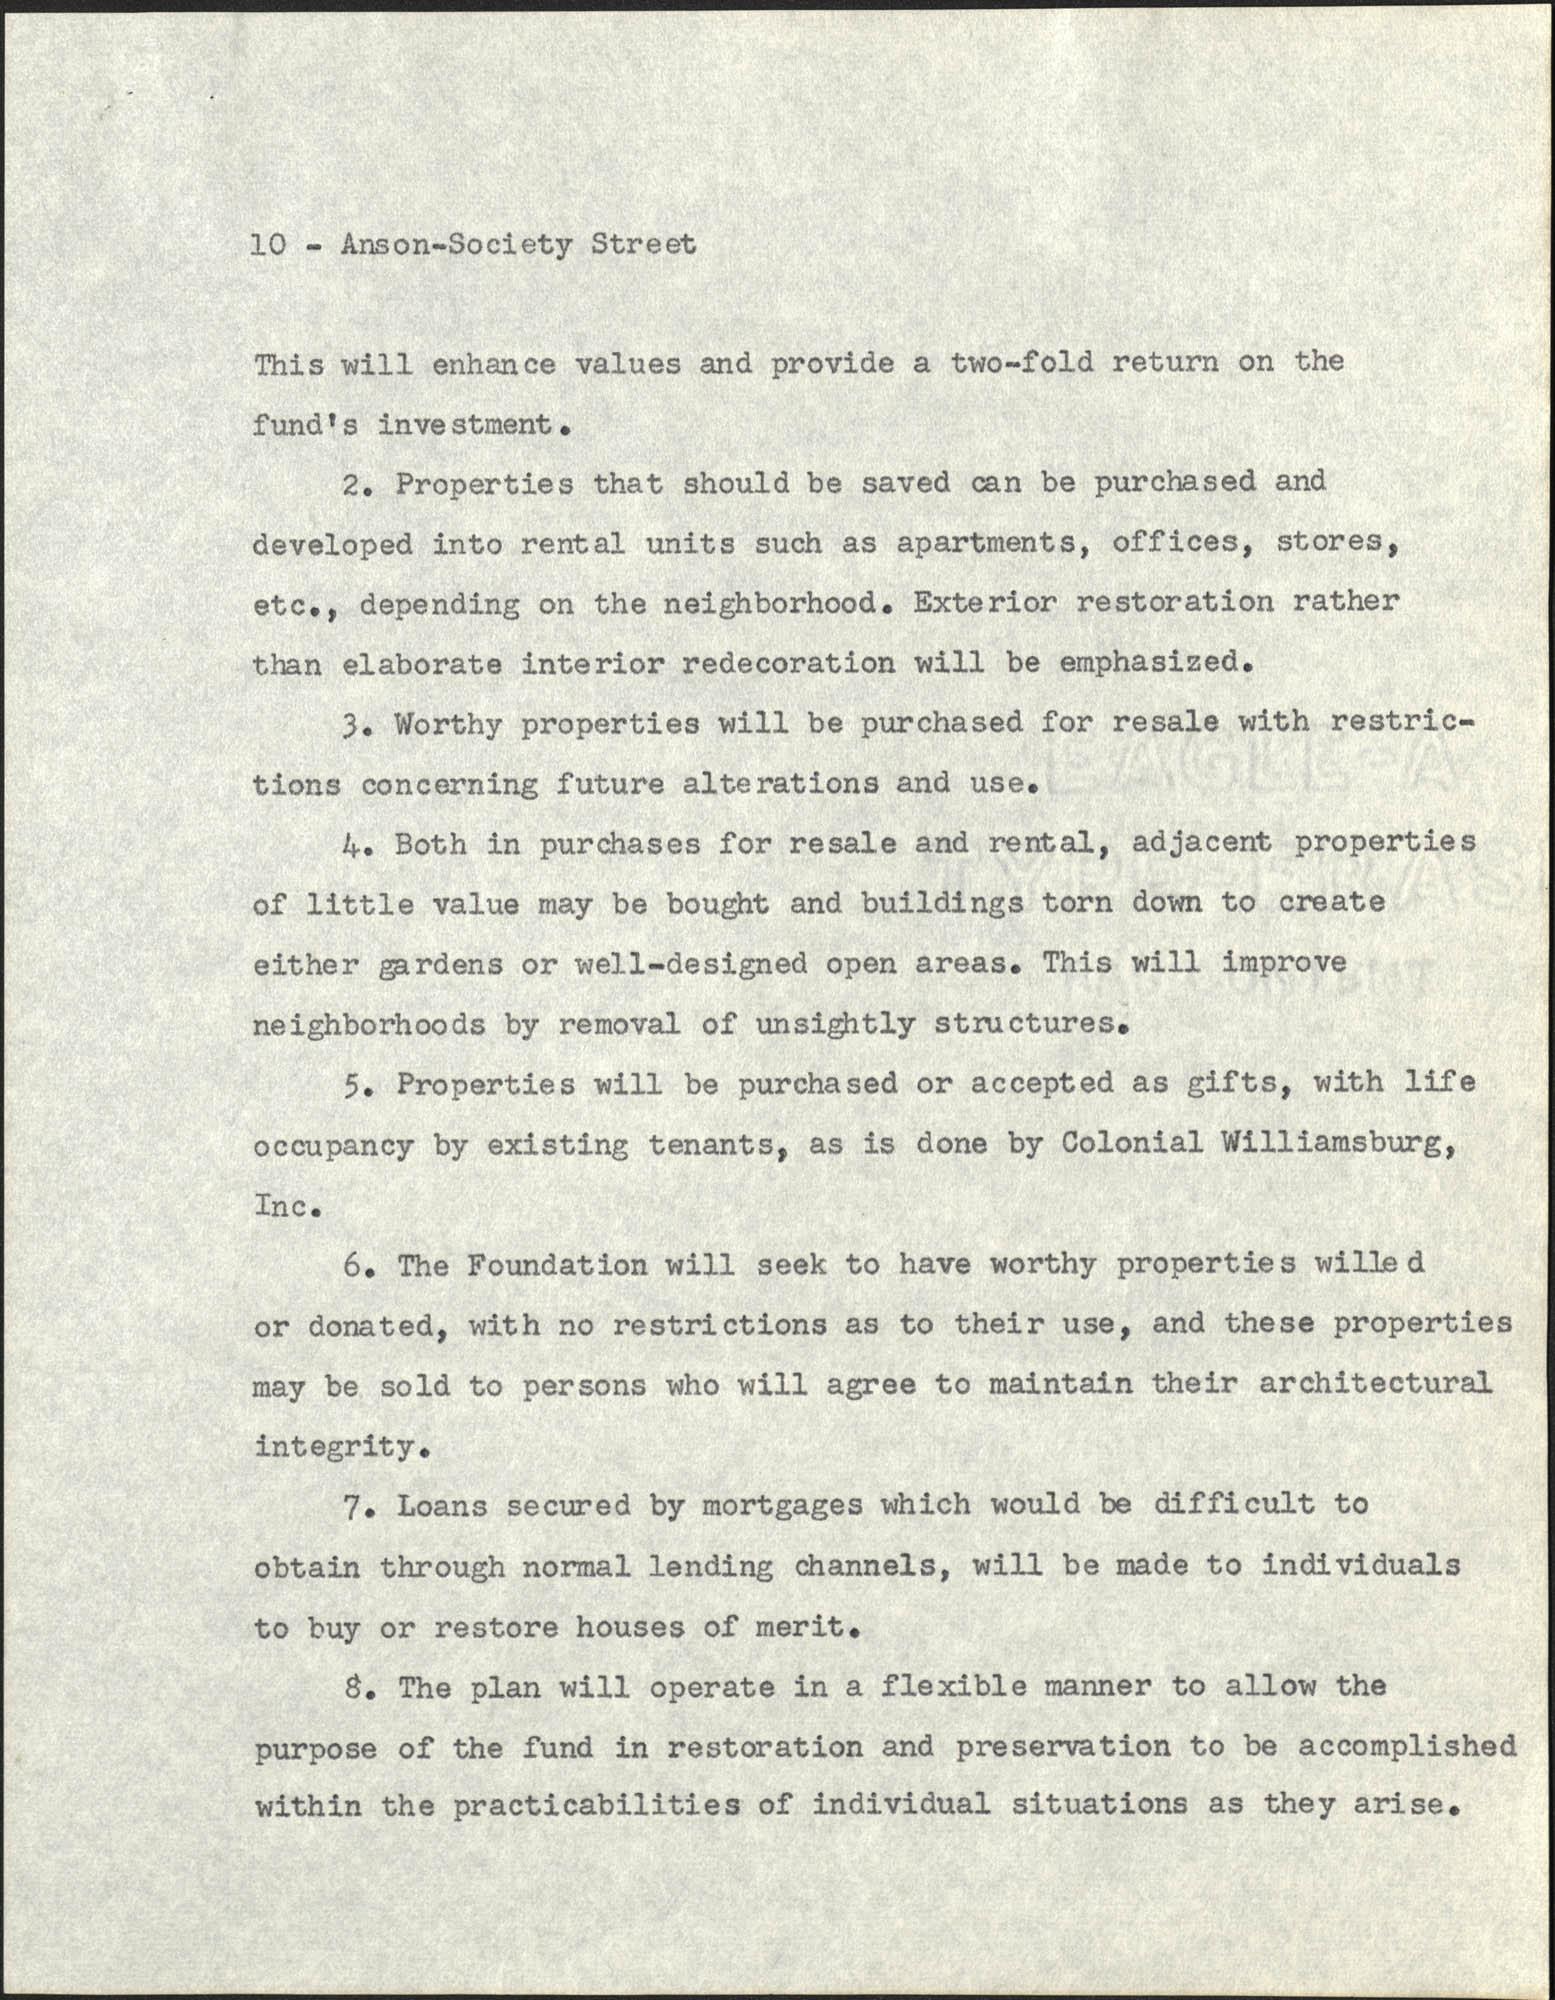 Anson-Society Street Rehabilitation, Page 10